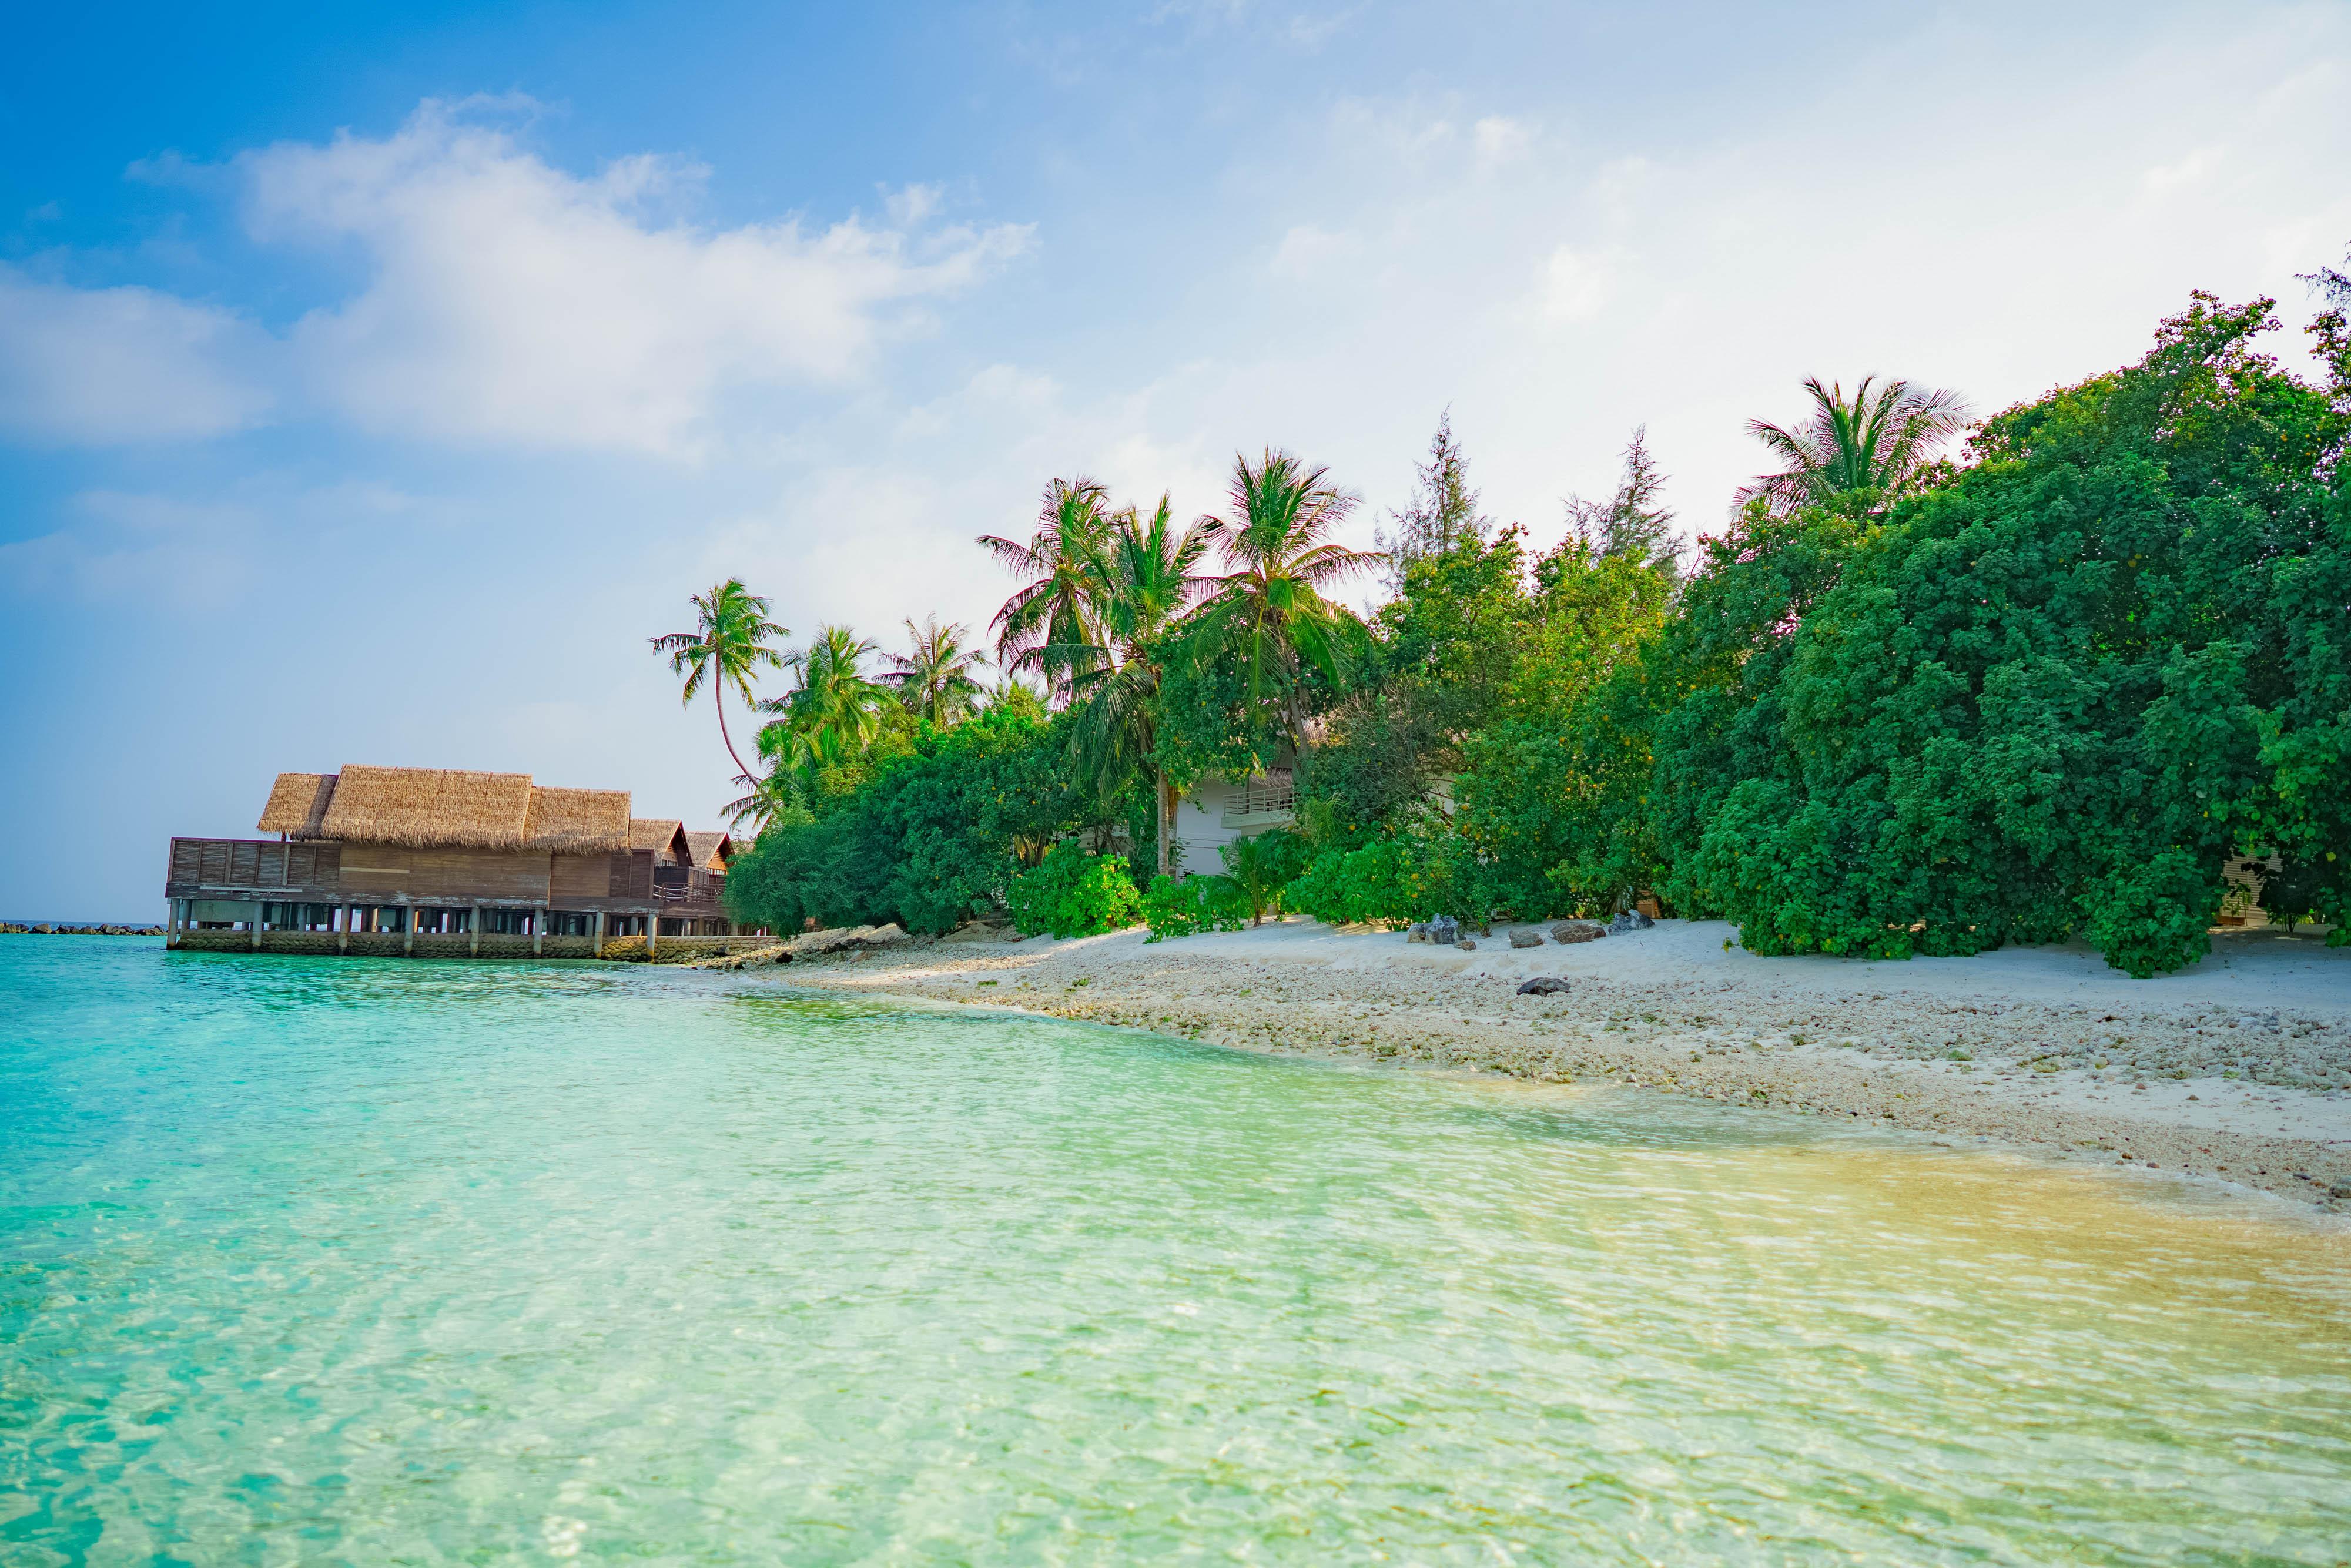 Amaya Kudarah Resort | Maldivler | Turu | Turları | Otel | Balayı | Erken Rezervasyon |  Promosyonlar | İndirim